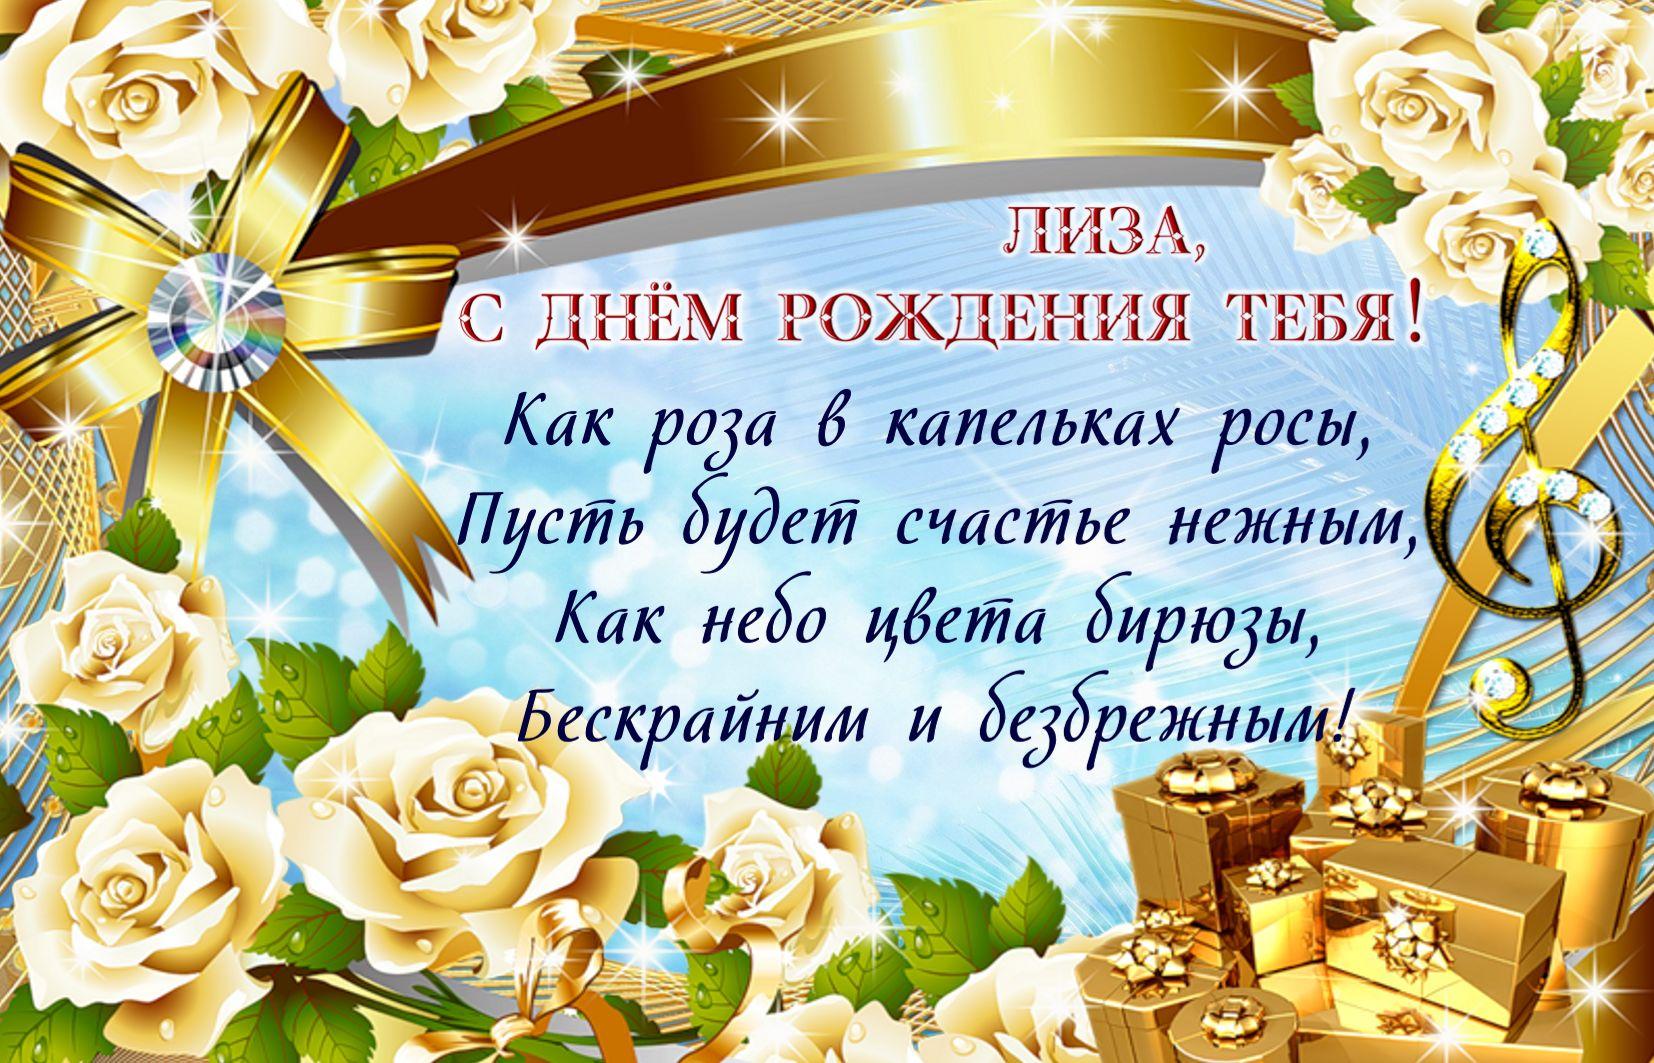 Поздравление с днем рождения парня стихи